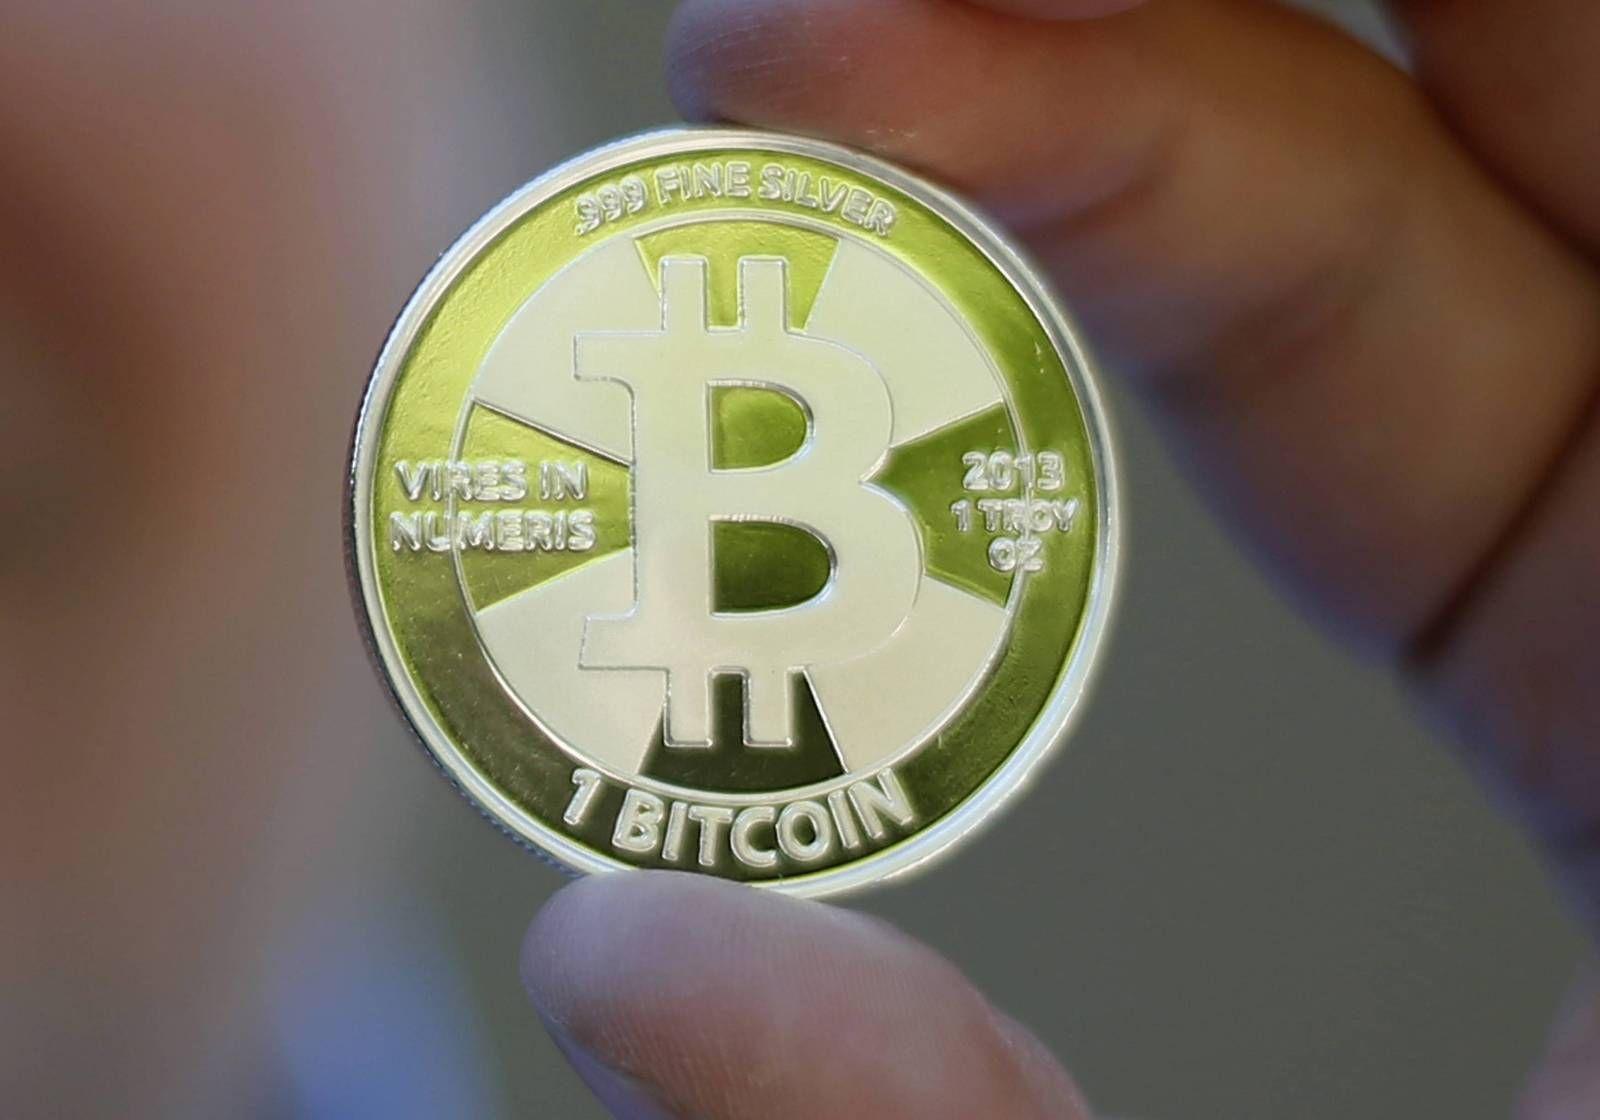 9aba8c41 DIGITAL: Bitcoin er en digital valuta som kan brukes til å betale på  internett, uten å gå via en bank. I motsetning til annen valuta, er Bitcoin  ikke ...